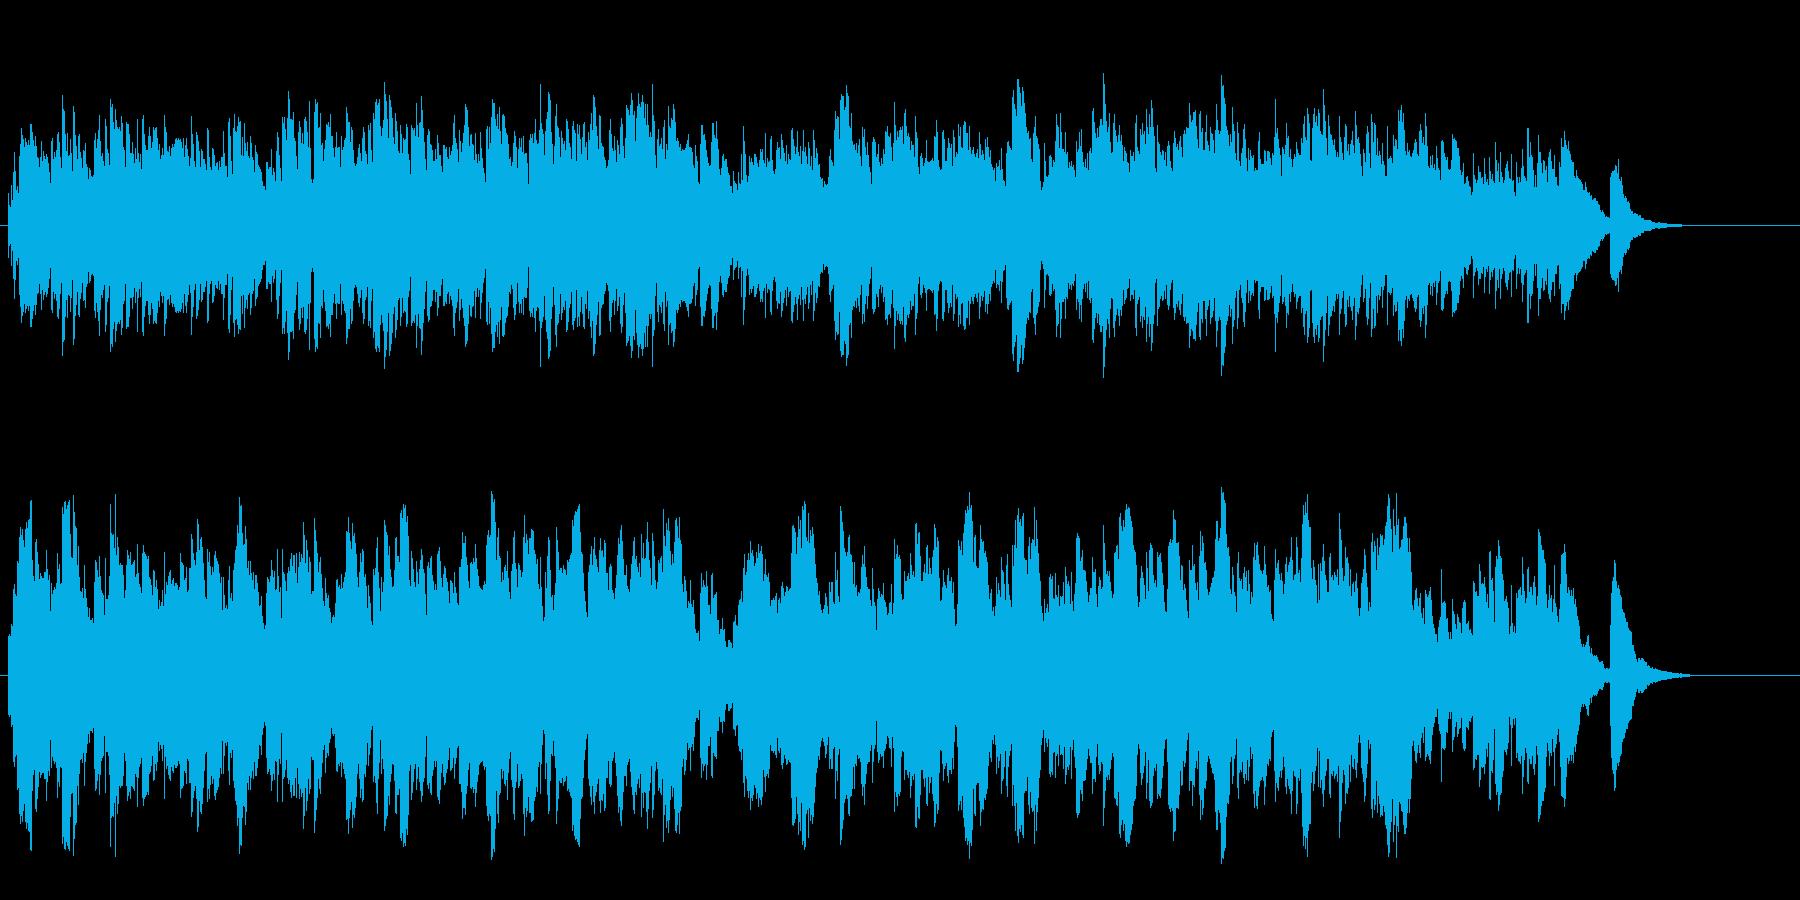 オルゴールの音色が優しいセミクラシックの再生済みの波形